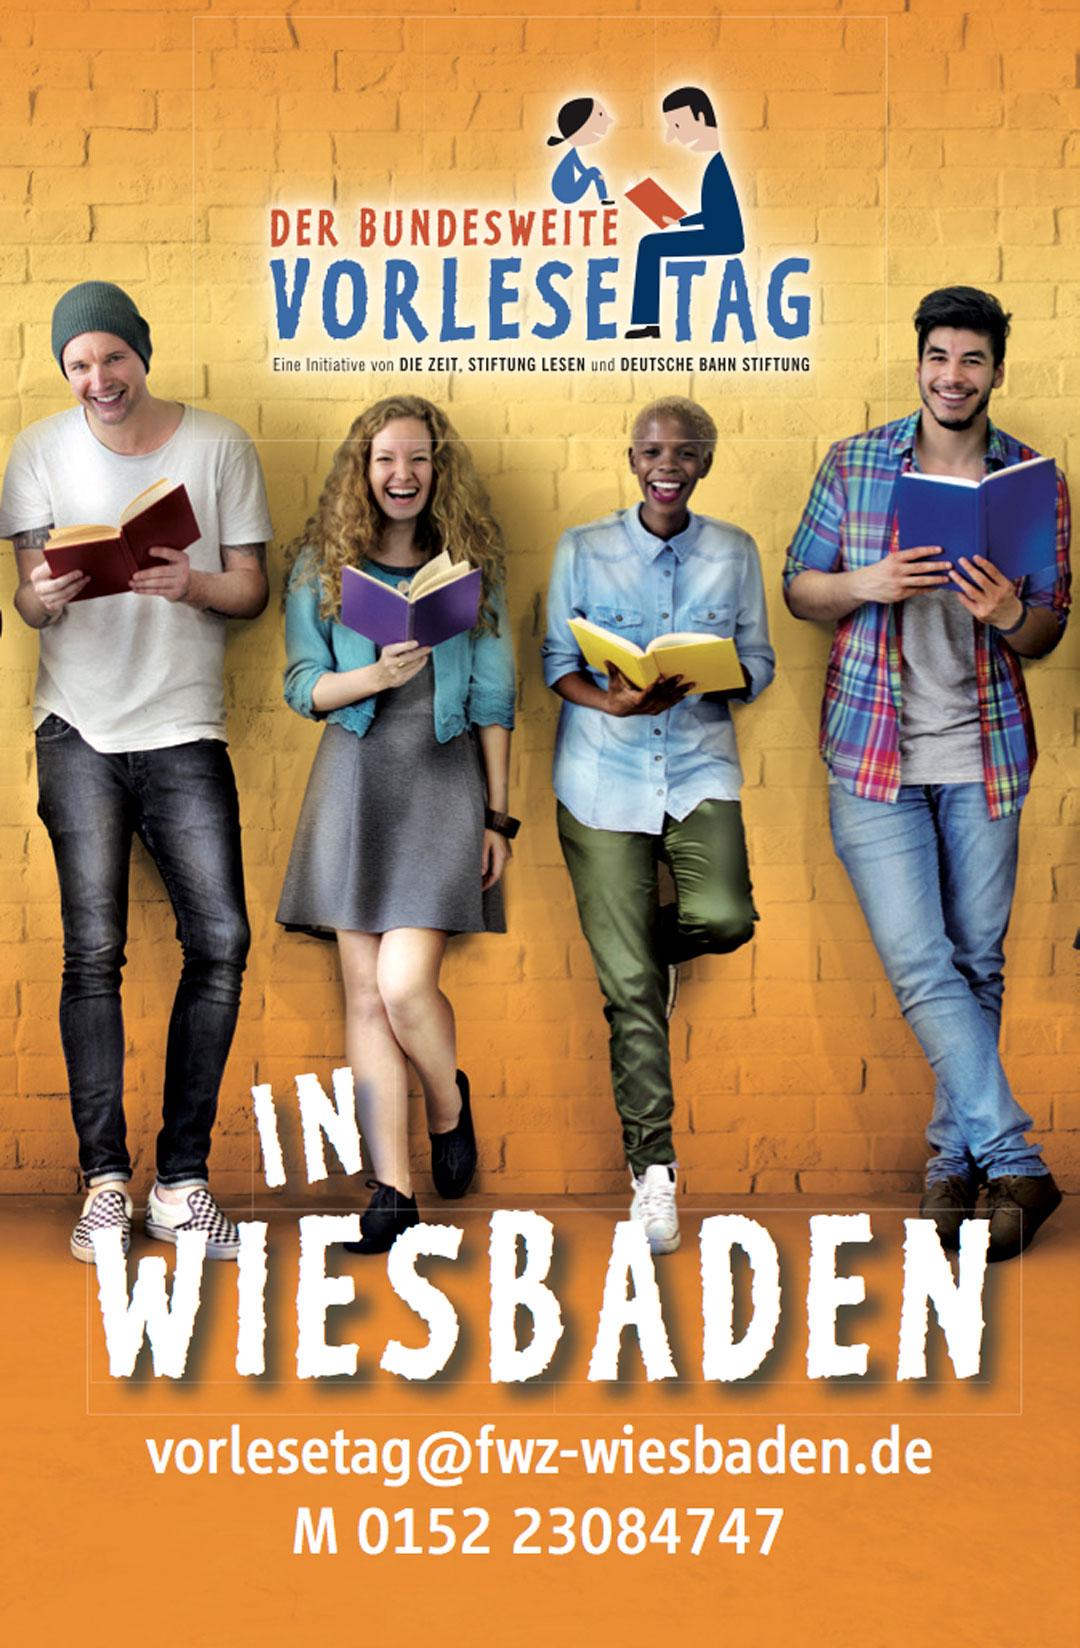 Partnerschaft, Kontakte & Singles in Wiesbaden